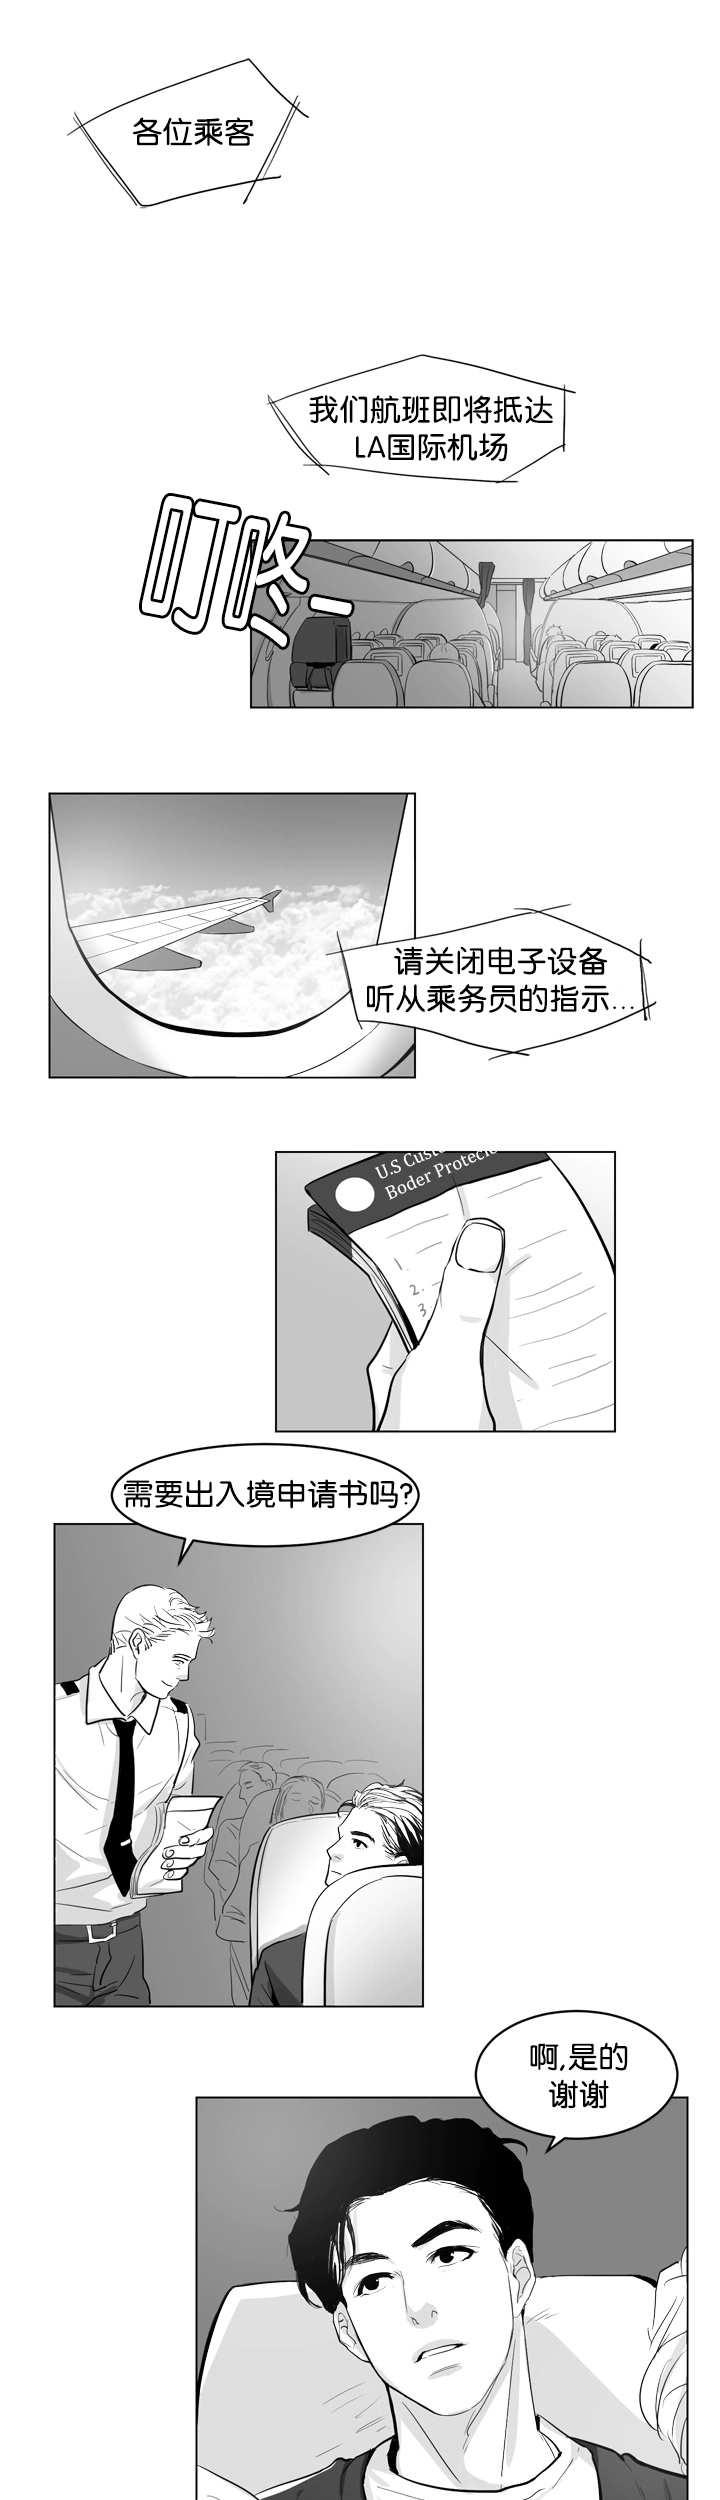 朱罗家族-漫画下拉式免费阅读_完整版汉化资源(已完结)-啵乐漫画